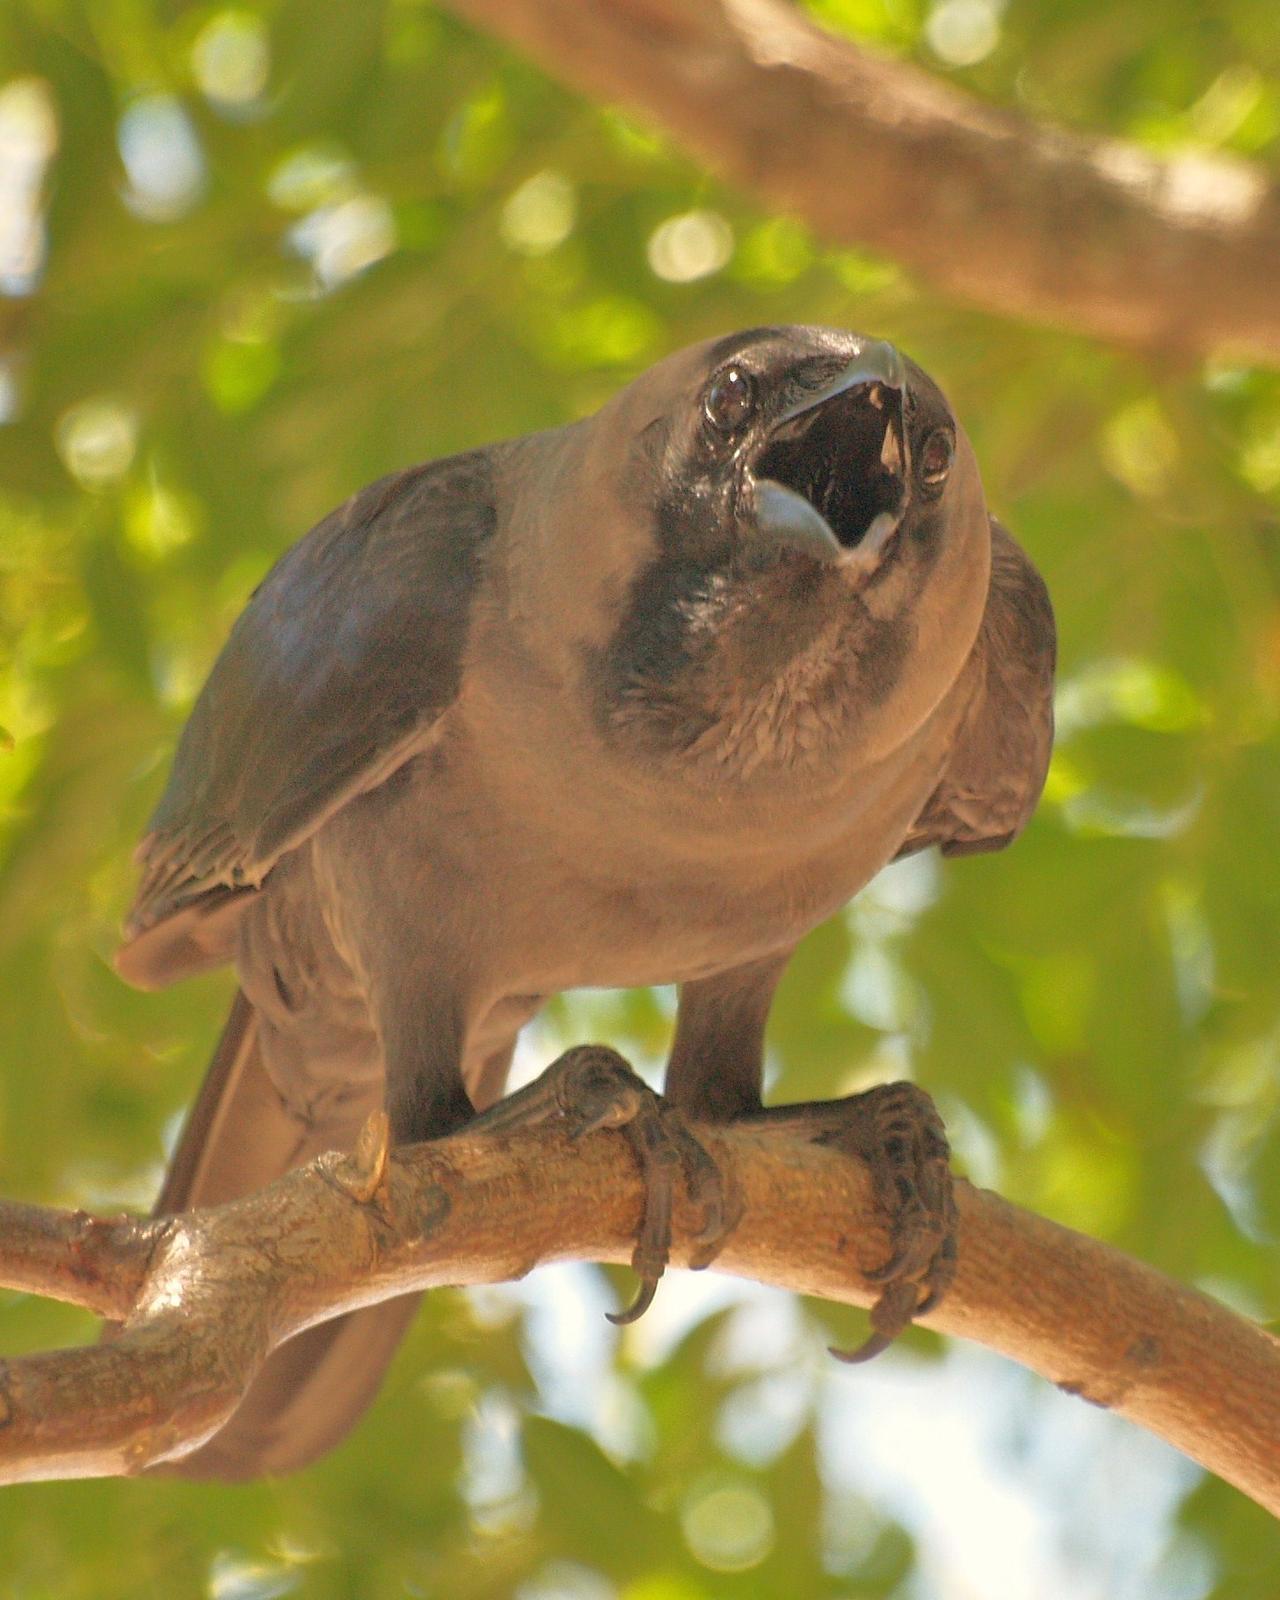 House Crow Photo by Alex Lamoreaux